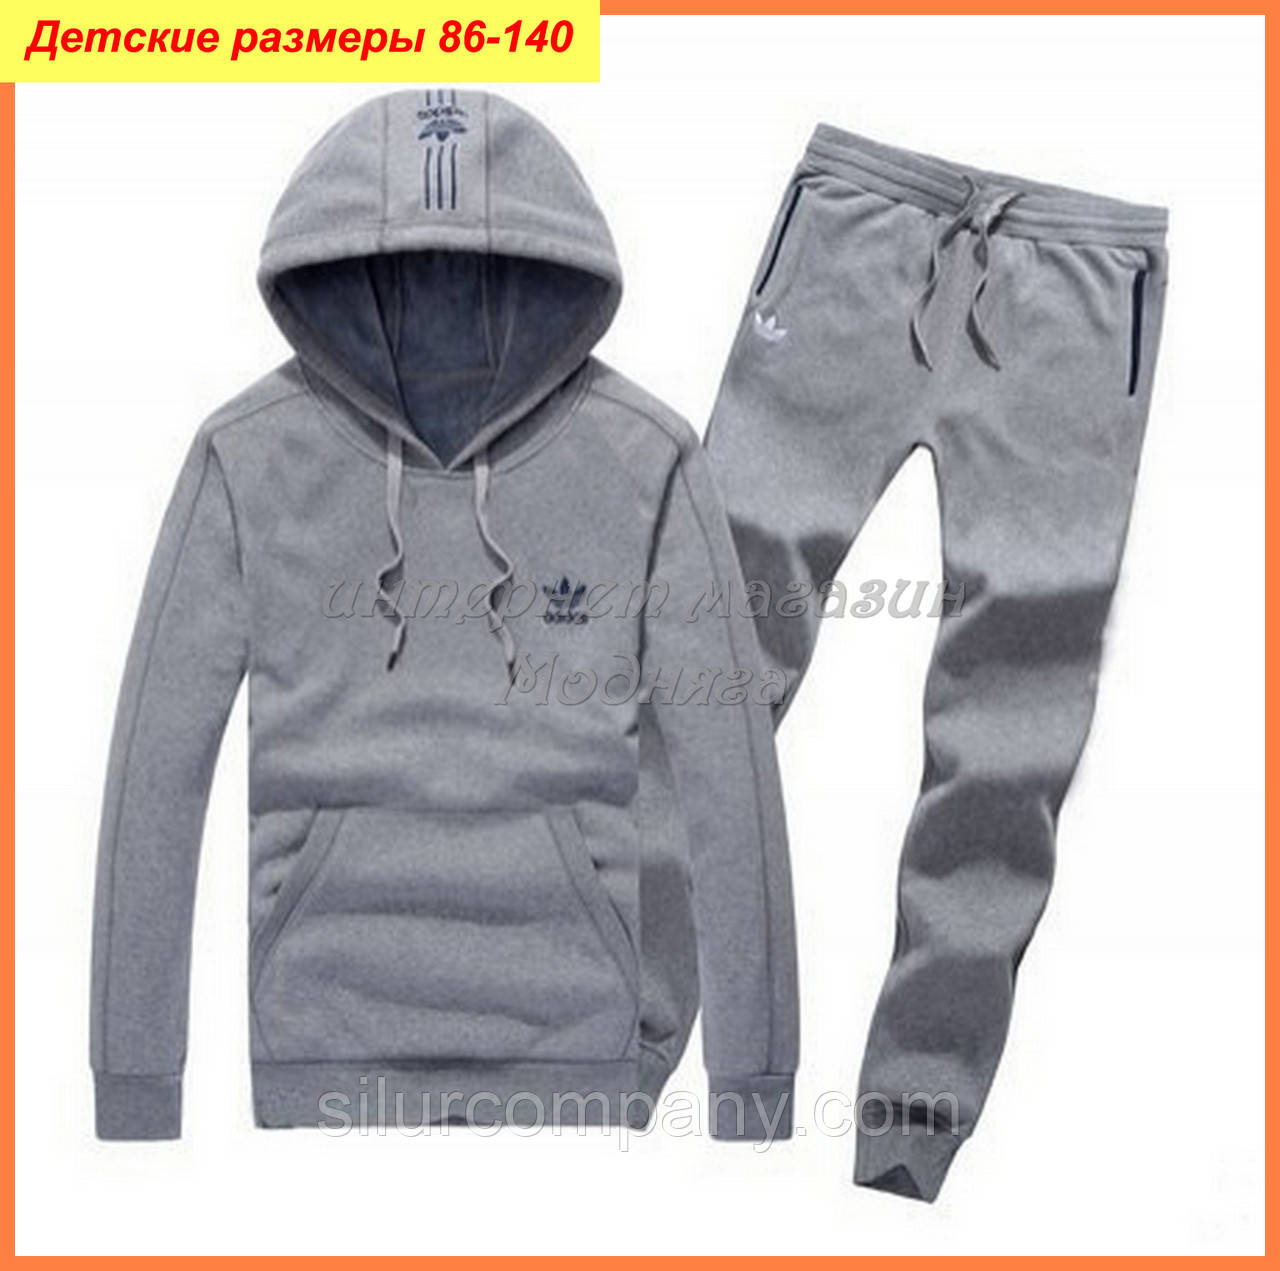 f0bcf9468a9848 Спортивные костюмы Адидас с вышивкой лого для подростков, фото 1 -5% Скидка  · Спортивные костюмы ...